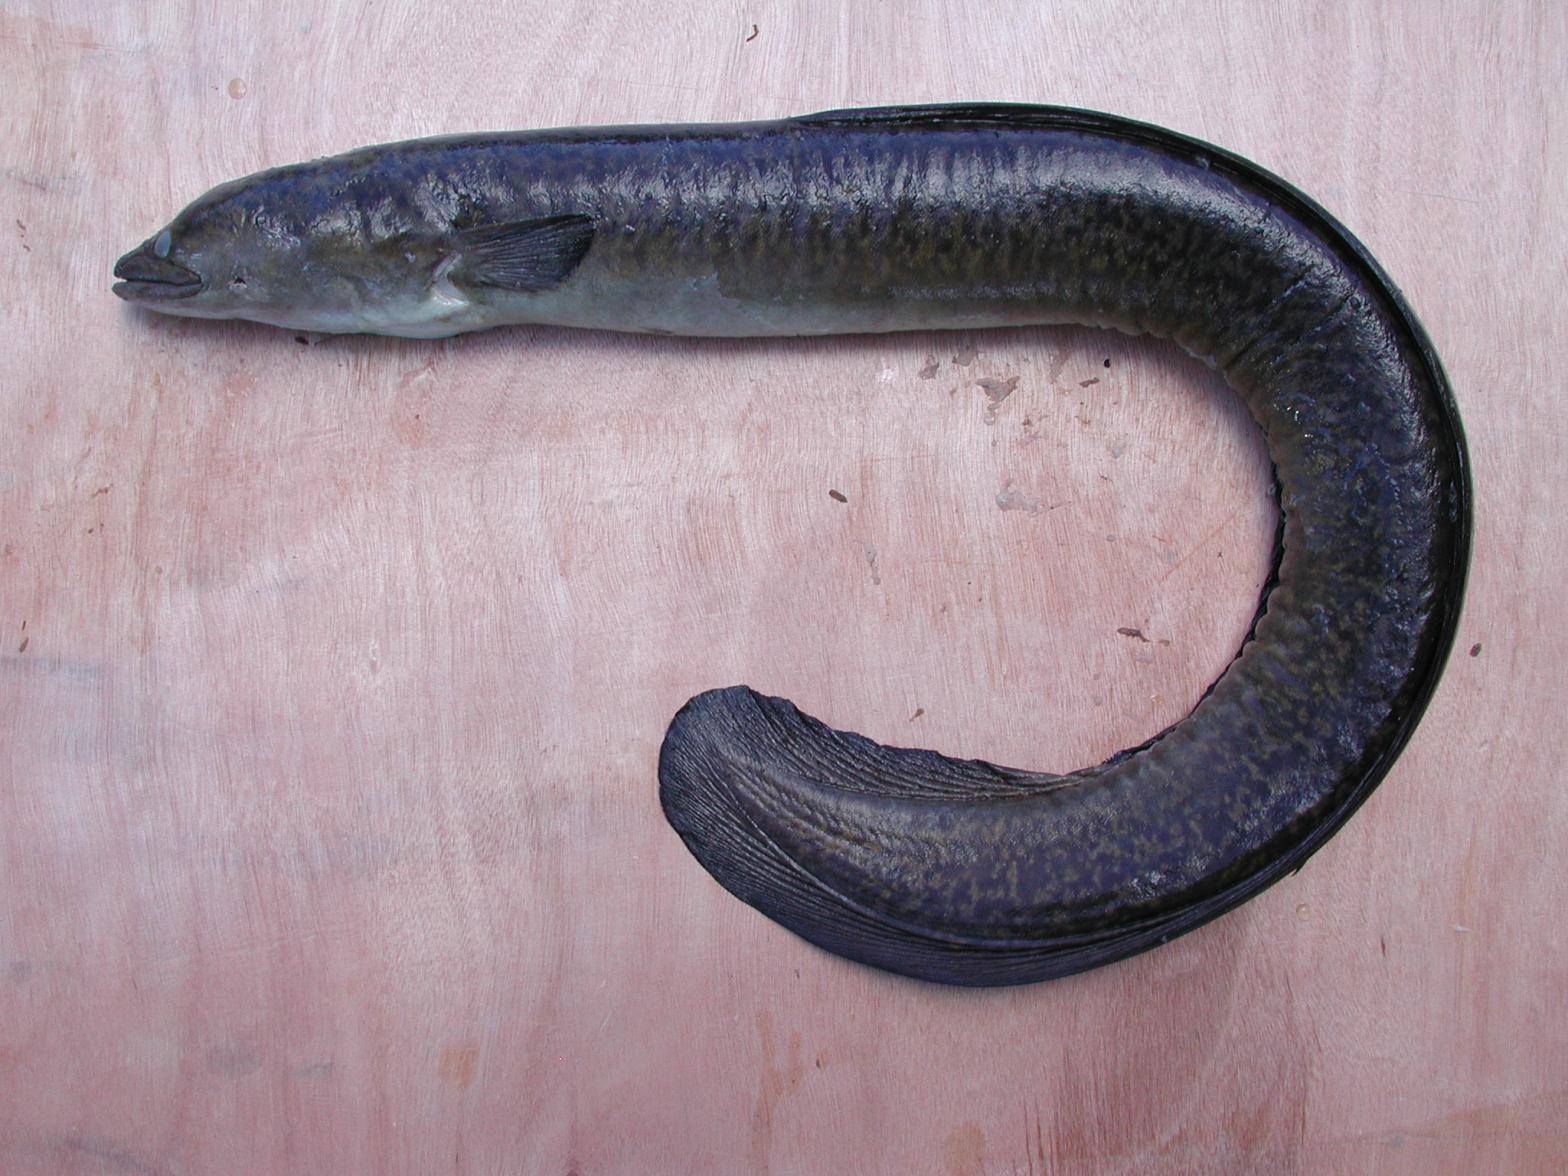 Aquatic Invasive Species | Freshwater Eel